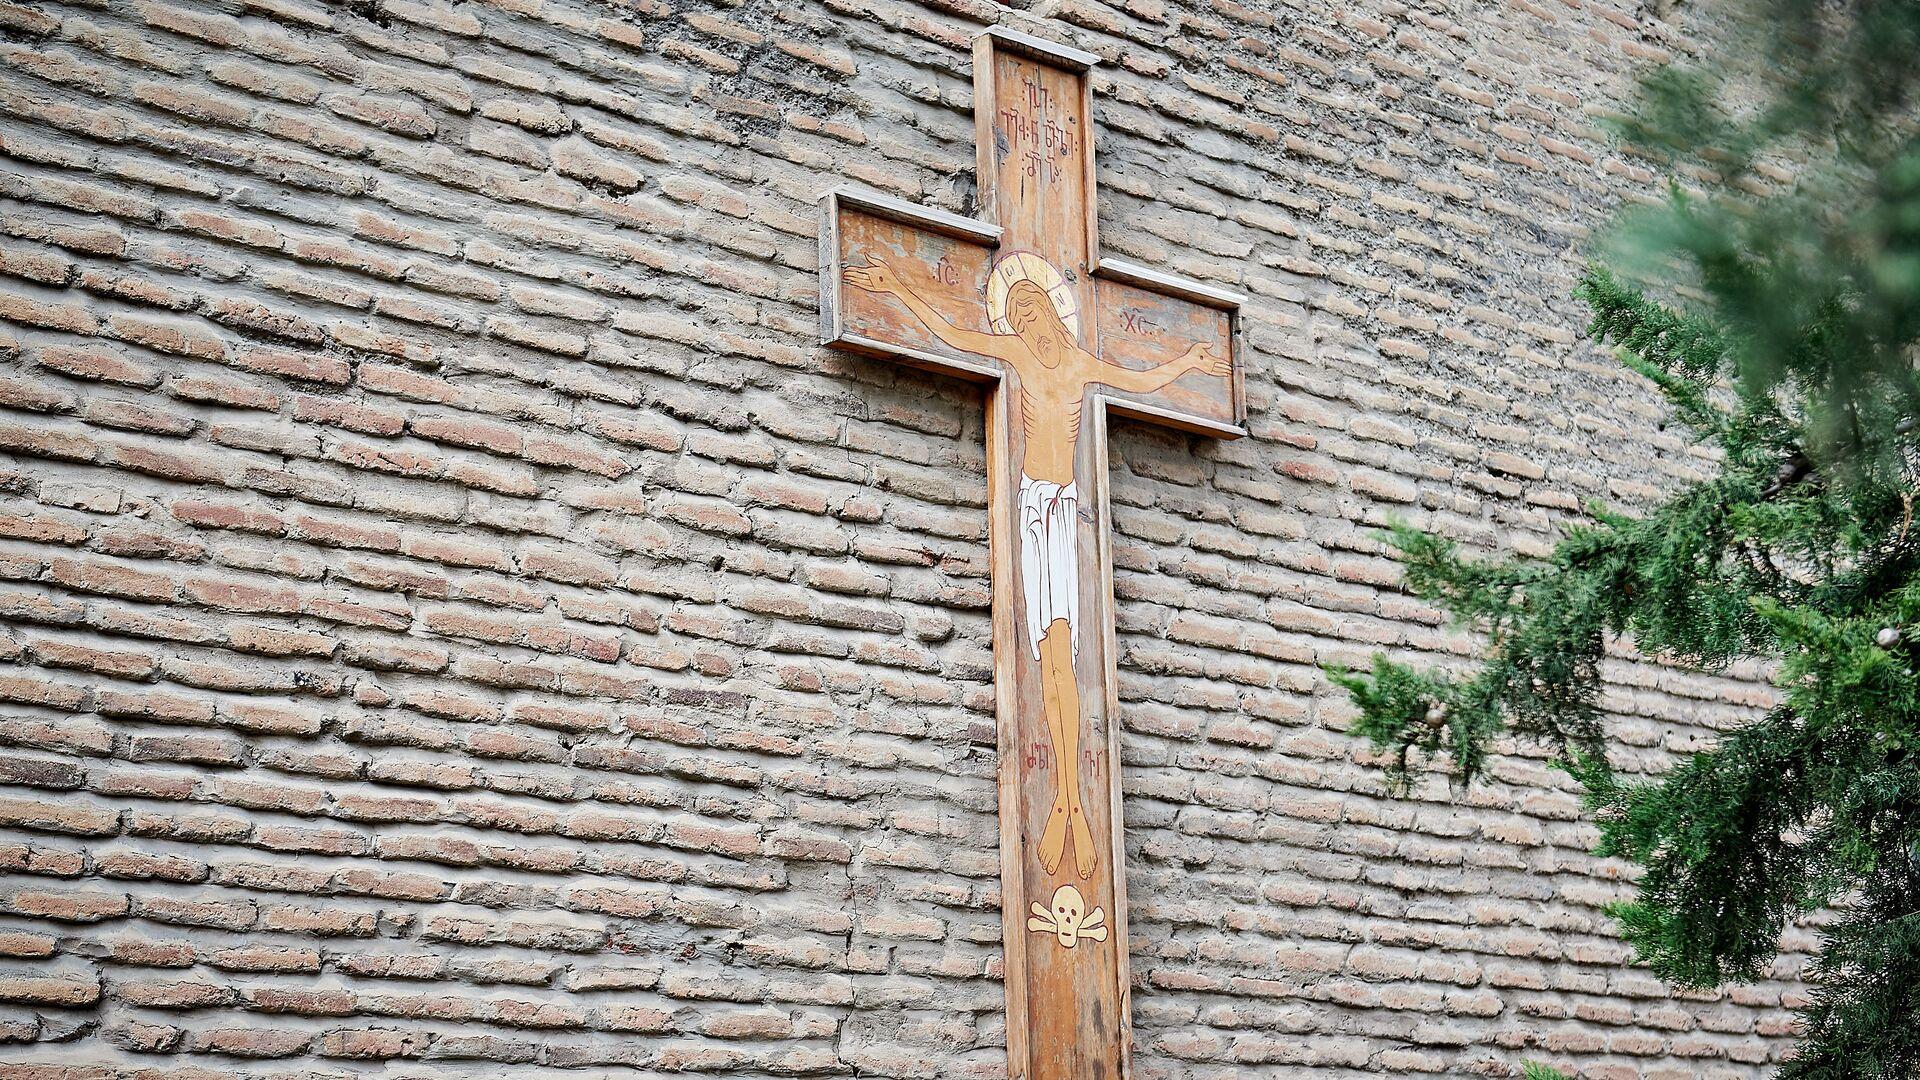 Церковь Отец Креста. Изображение креста на стене церкви с распятым Иисусом Христом - Sputnik Грузия, 1920, 25.09.2021